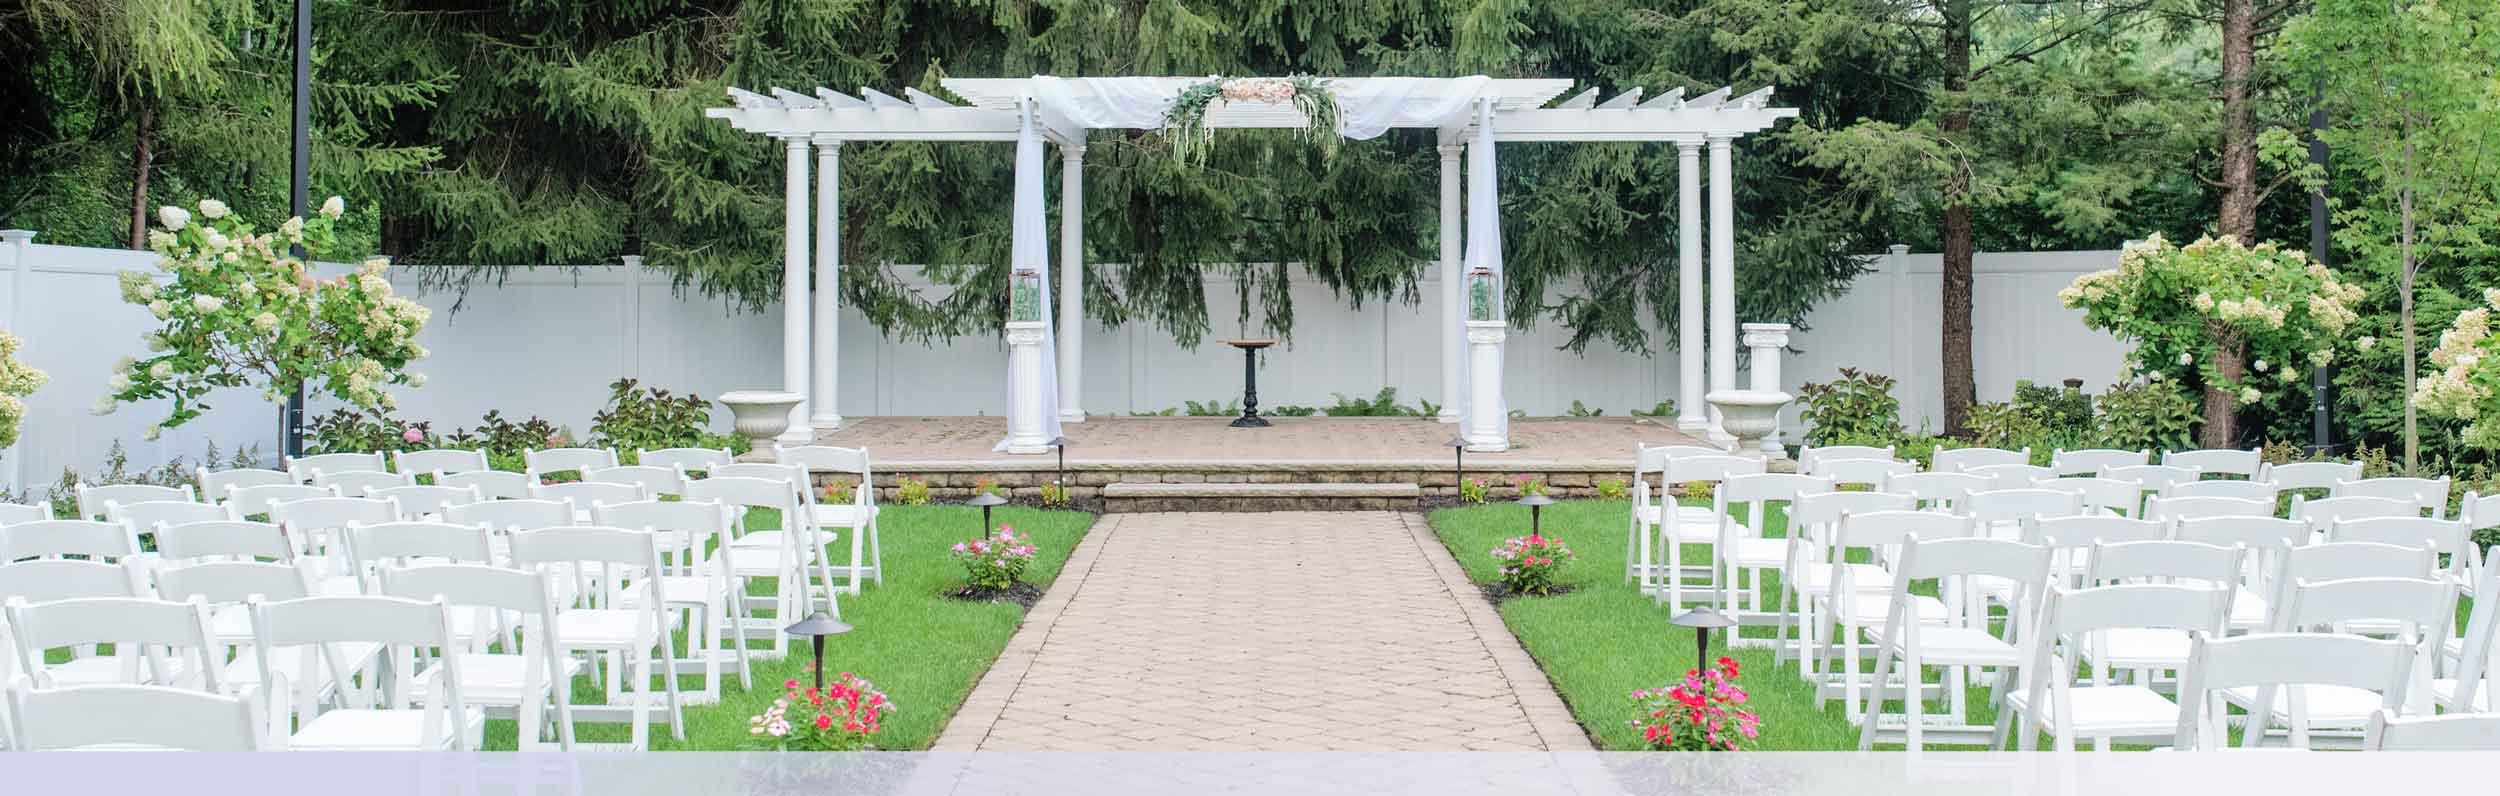 beautiful-outdoor-new-jersey-wedding-venue-ceremony-garden